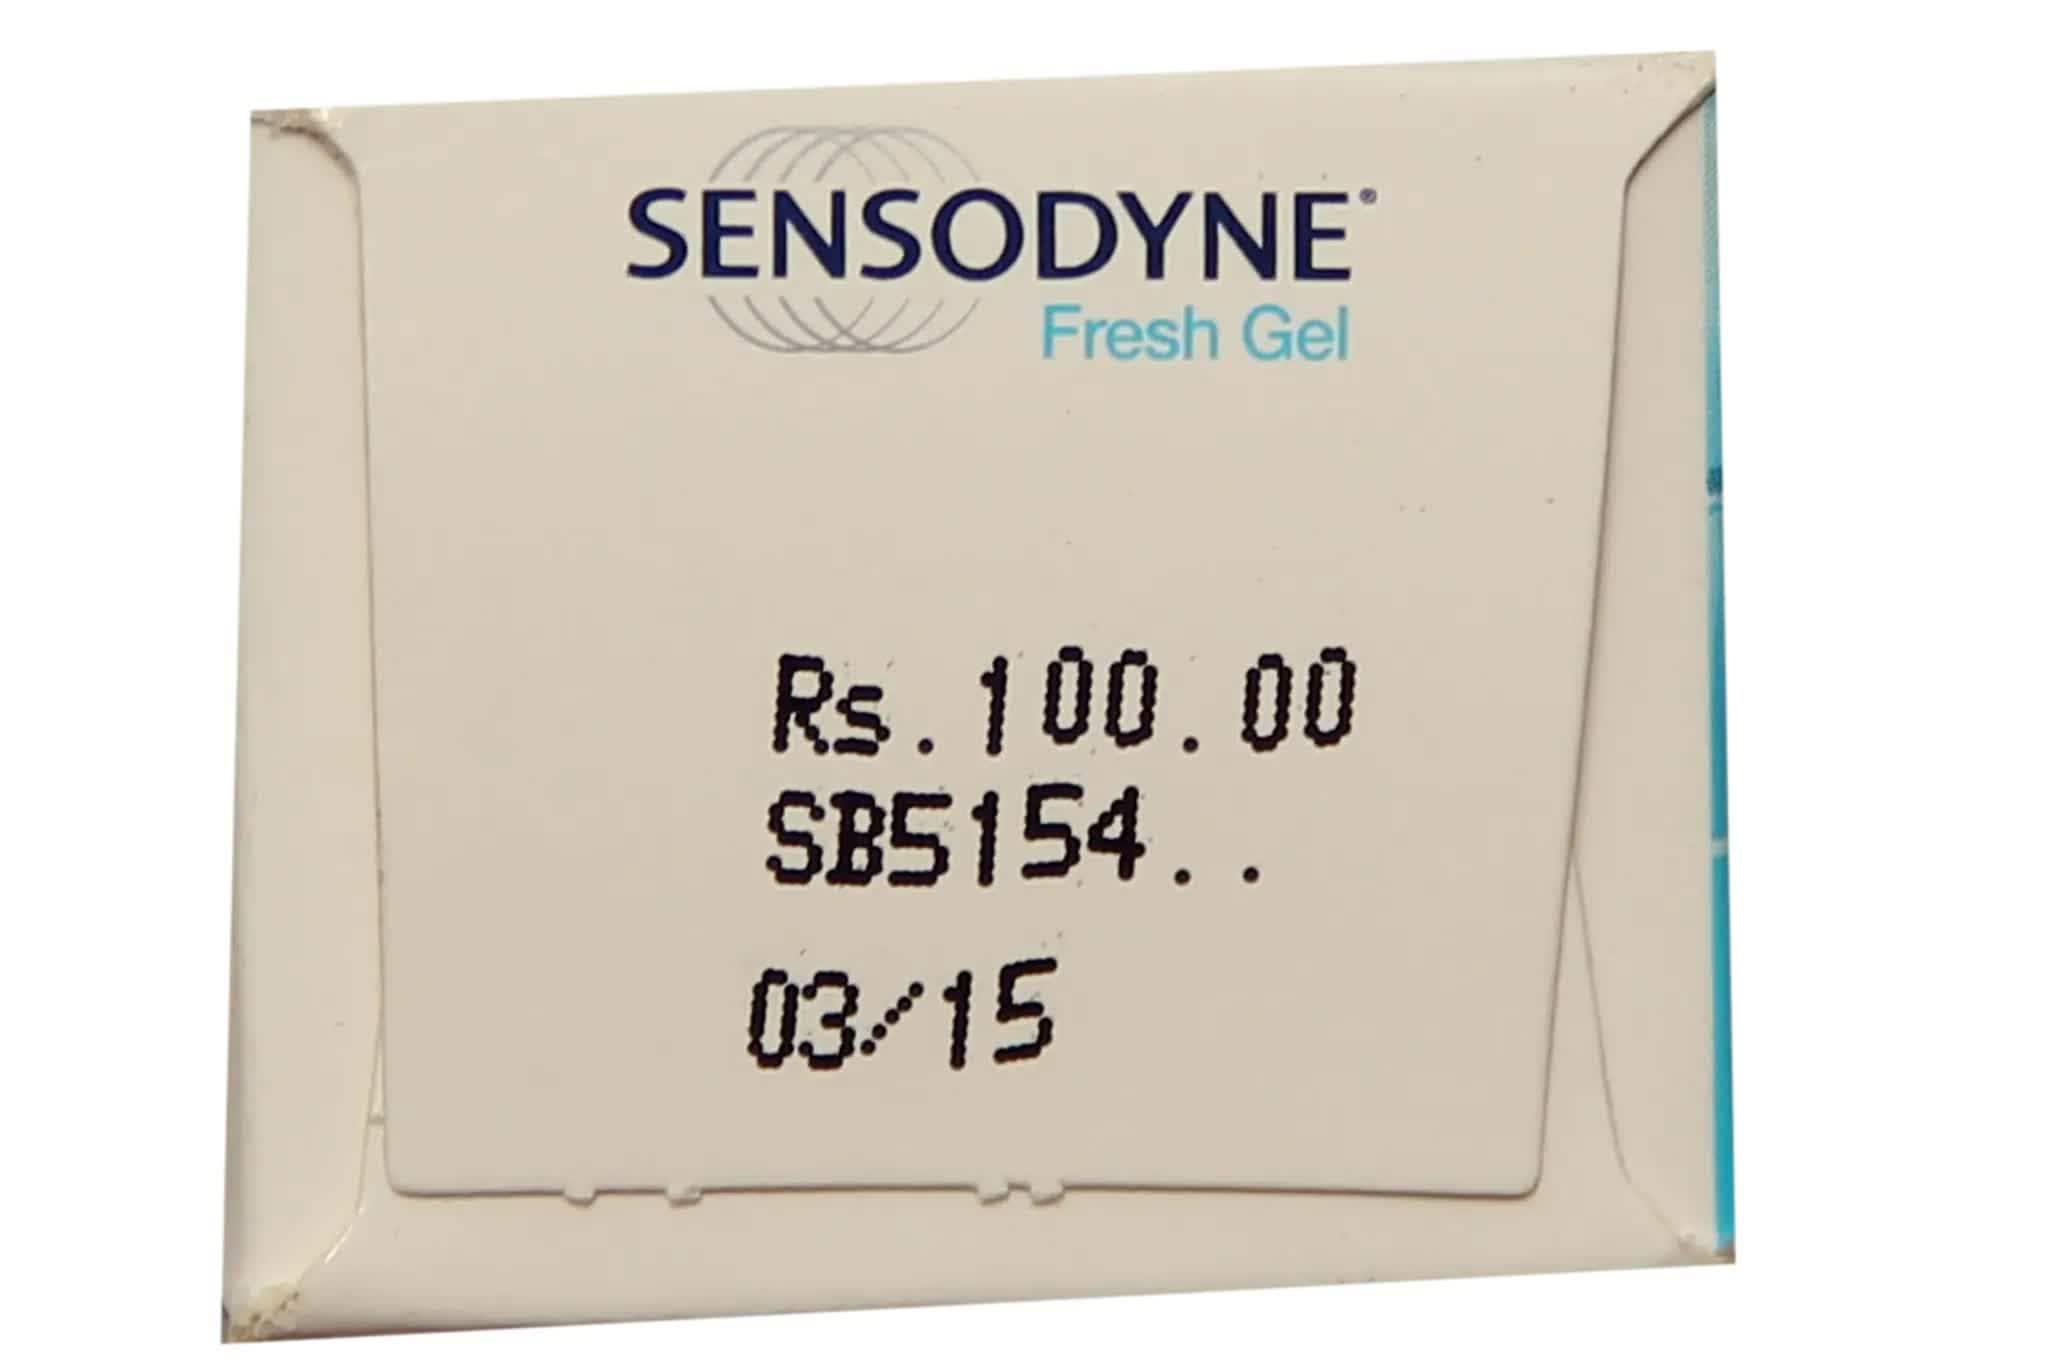 Sensodyne Fresh Gel Toothpaste 75 Gm